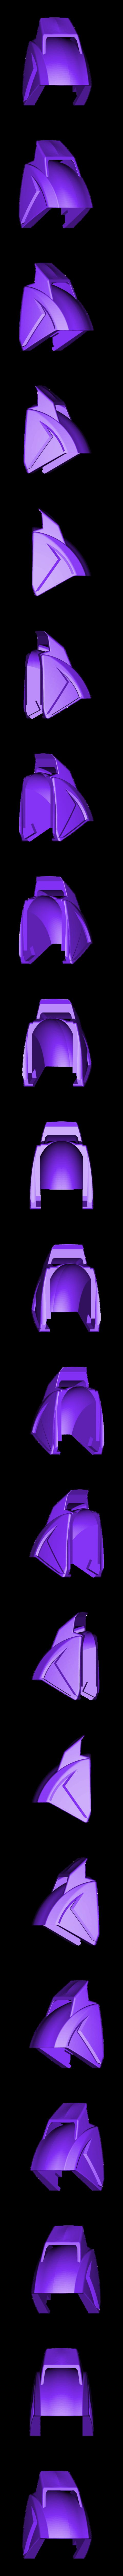 front_fender_.stl Télécharger fichier STL gratuit 2016 Ducati Draxter Concept Drag Bike RC • Design à imprimer en 3D, brett